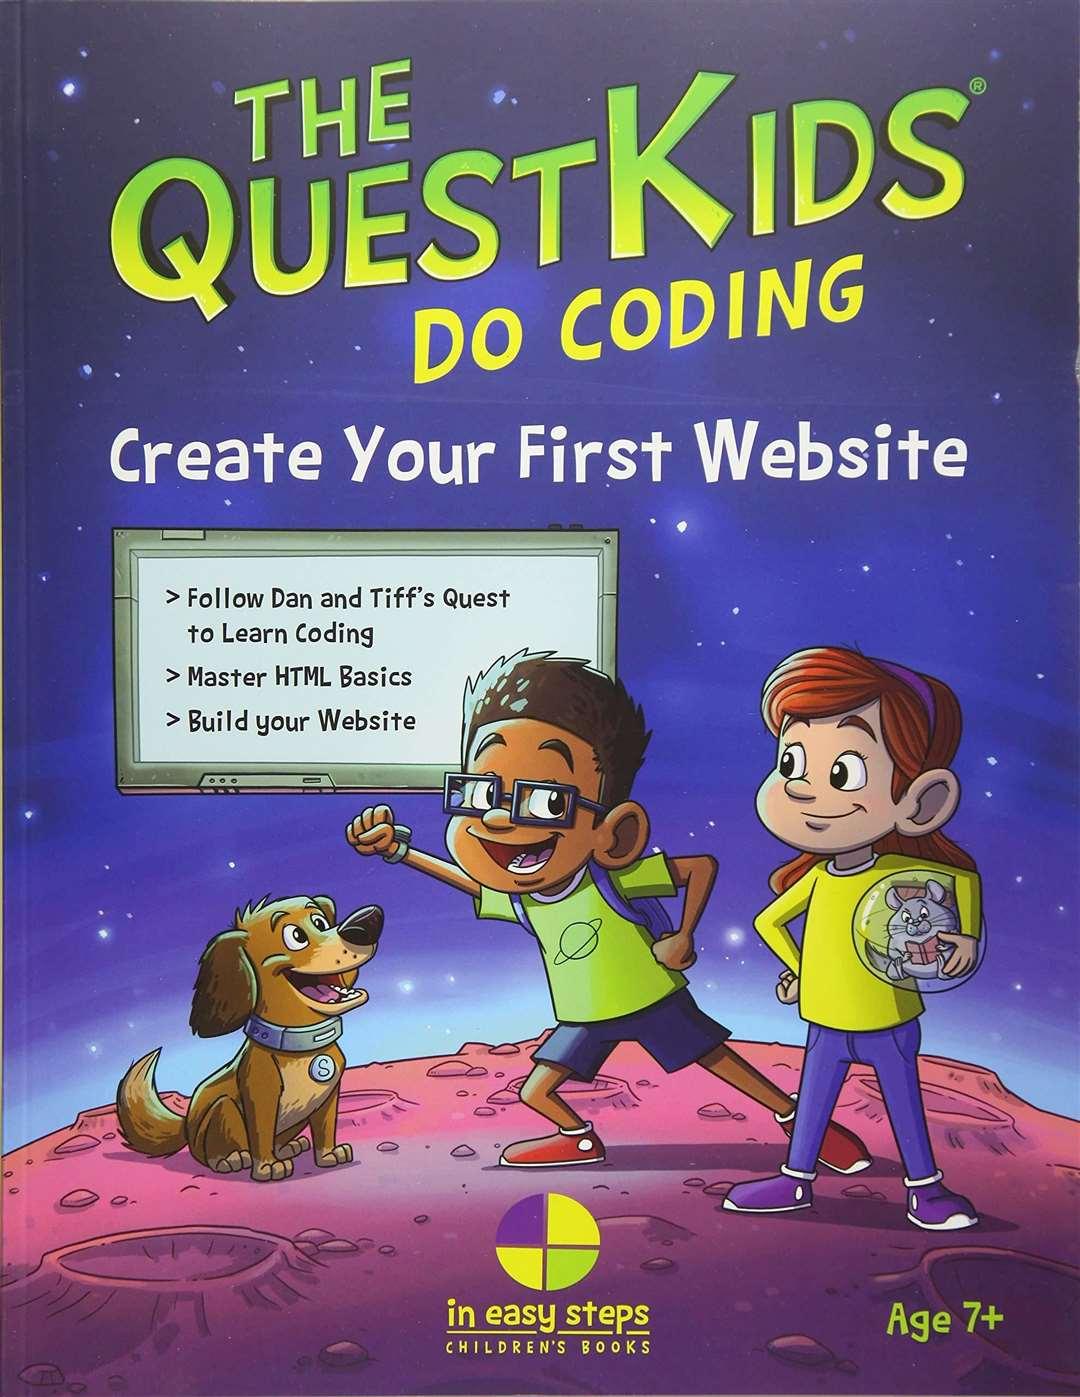 The QuestKids do Coding - Créez votre premier site Web par Darryl Bartlett, Paul Aldridge et Ben Barter (43297293)